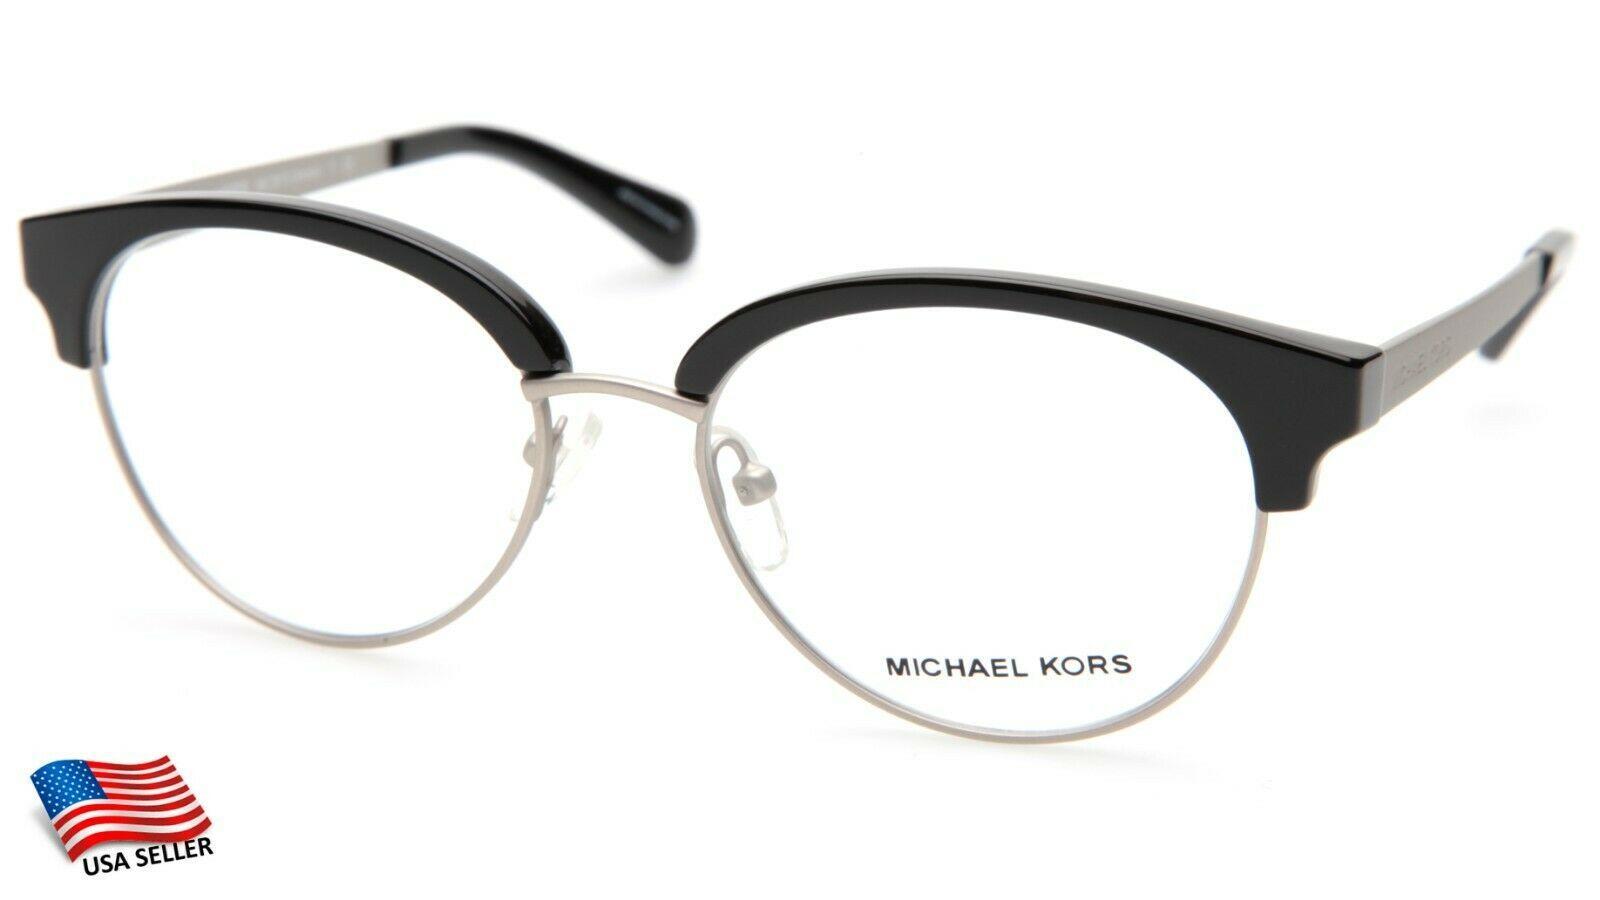 NEW MICHAEL KORS MK3013 Anouk 1142 BLACK EYEGLASSES FRAME 52-17-135mm - $44.09